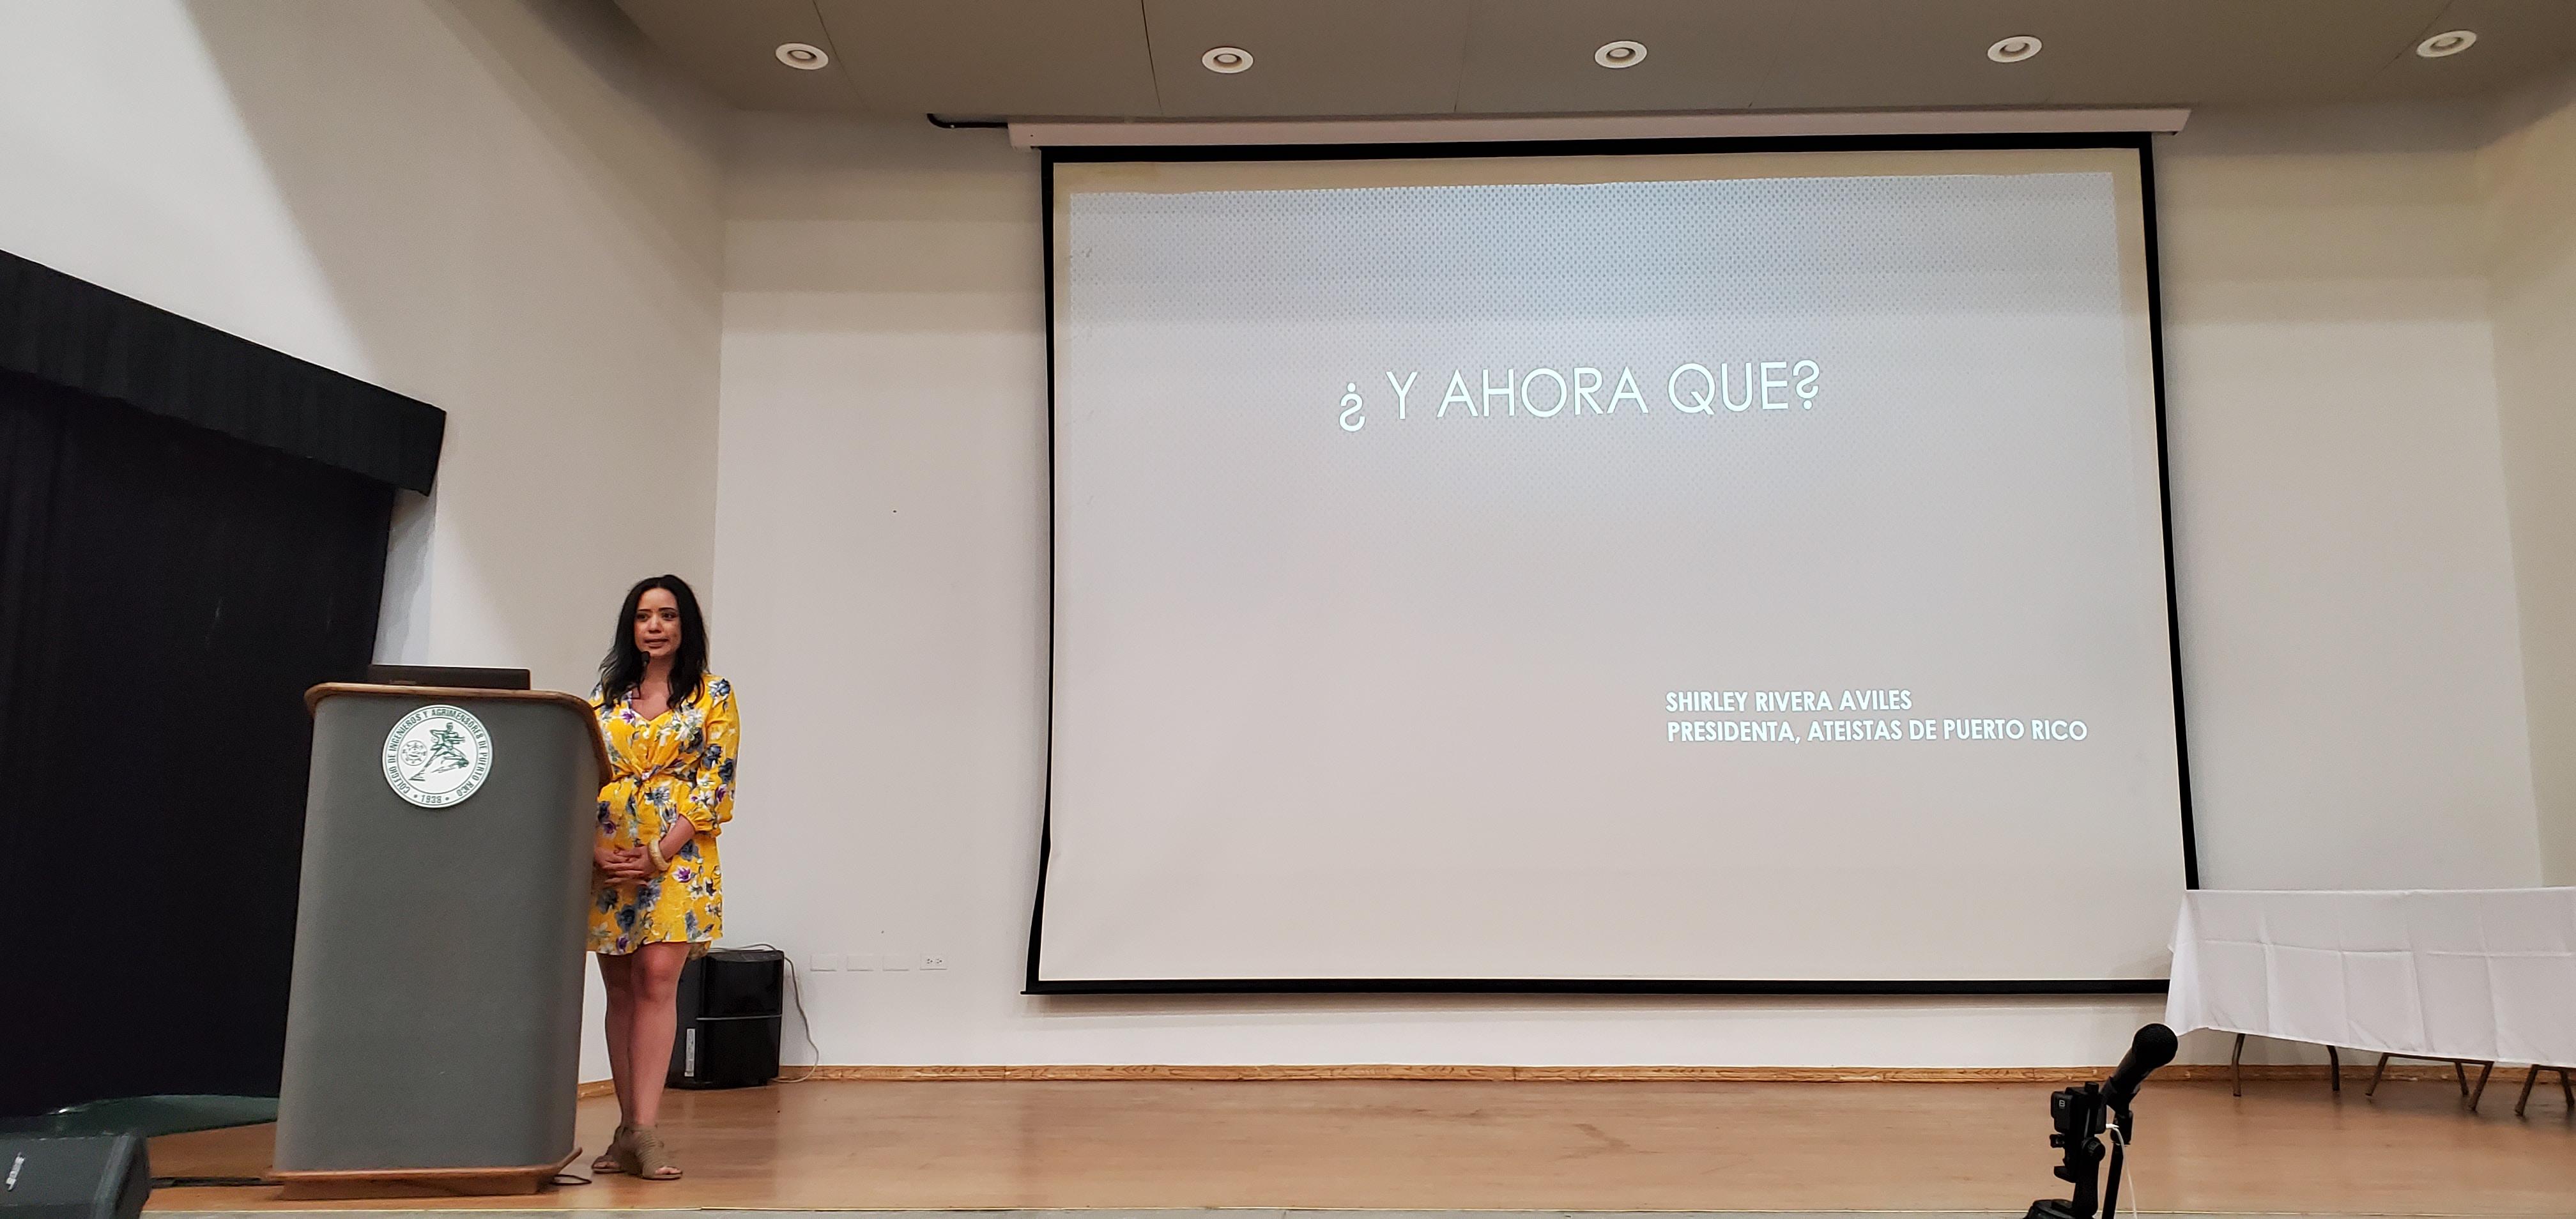 """Shirley Rivera con su presentación, """"¿Y ahora qué?' en la Asamblea de Ateístas de Puerto Rico, 2020. (c) 2020, Pedro M. Rosario Barbosa. Licencia: CC-BY 4.0+."""